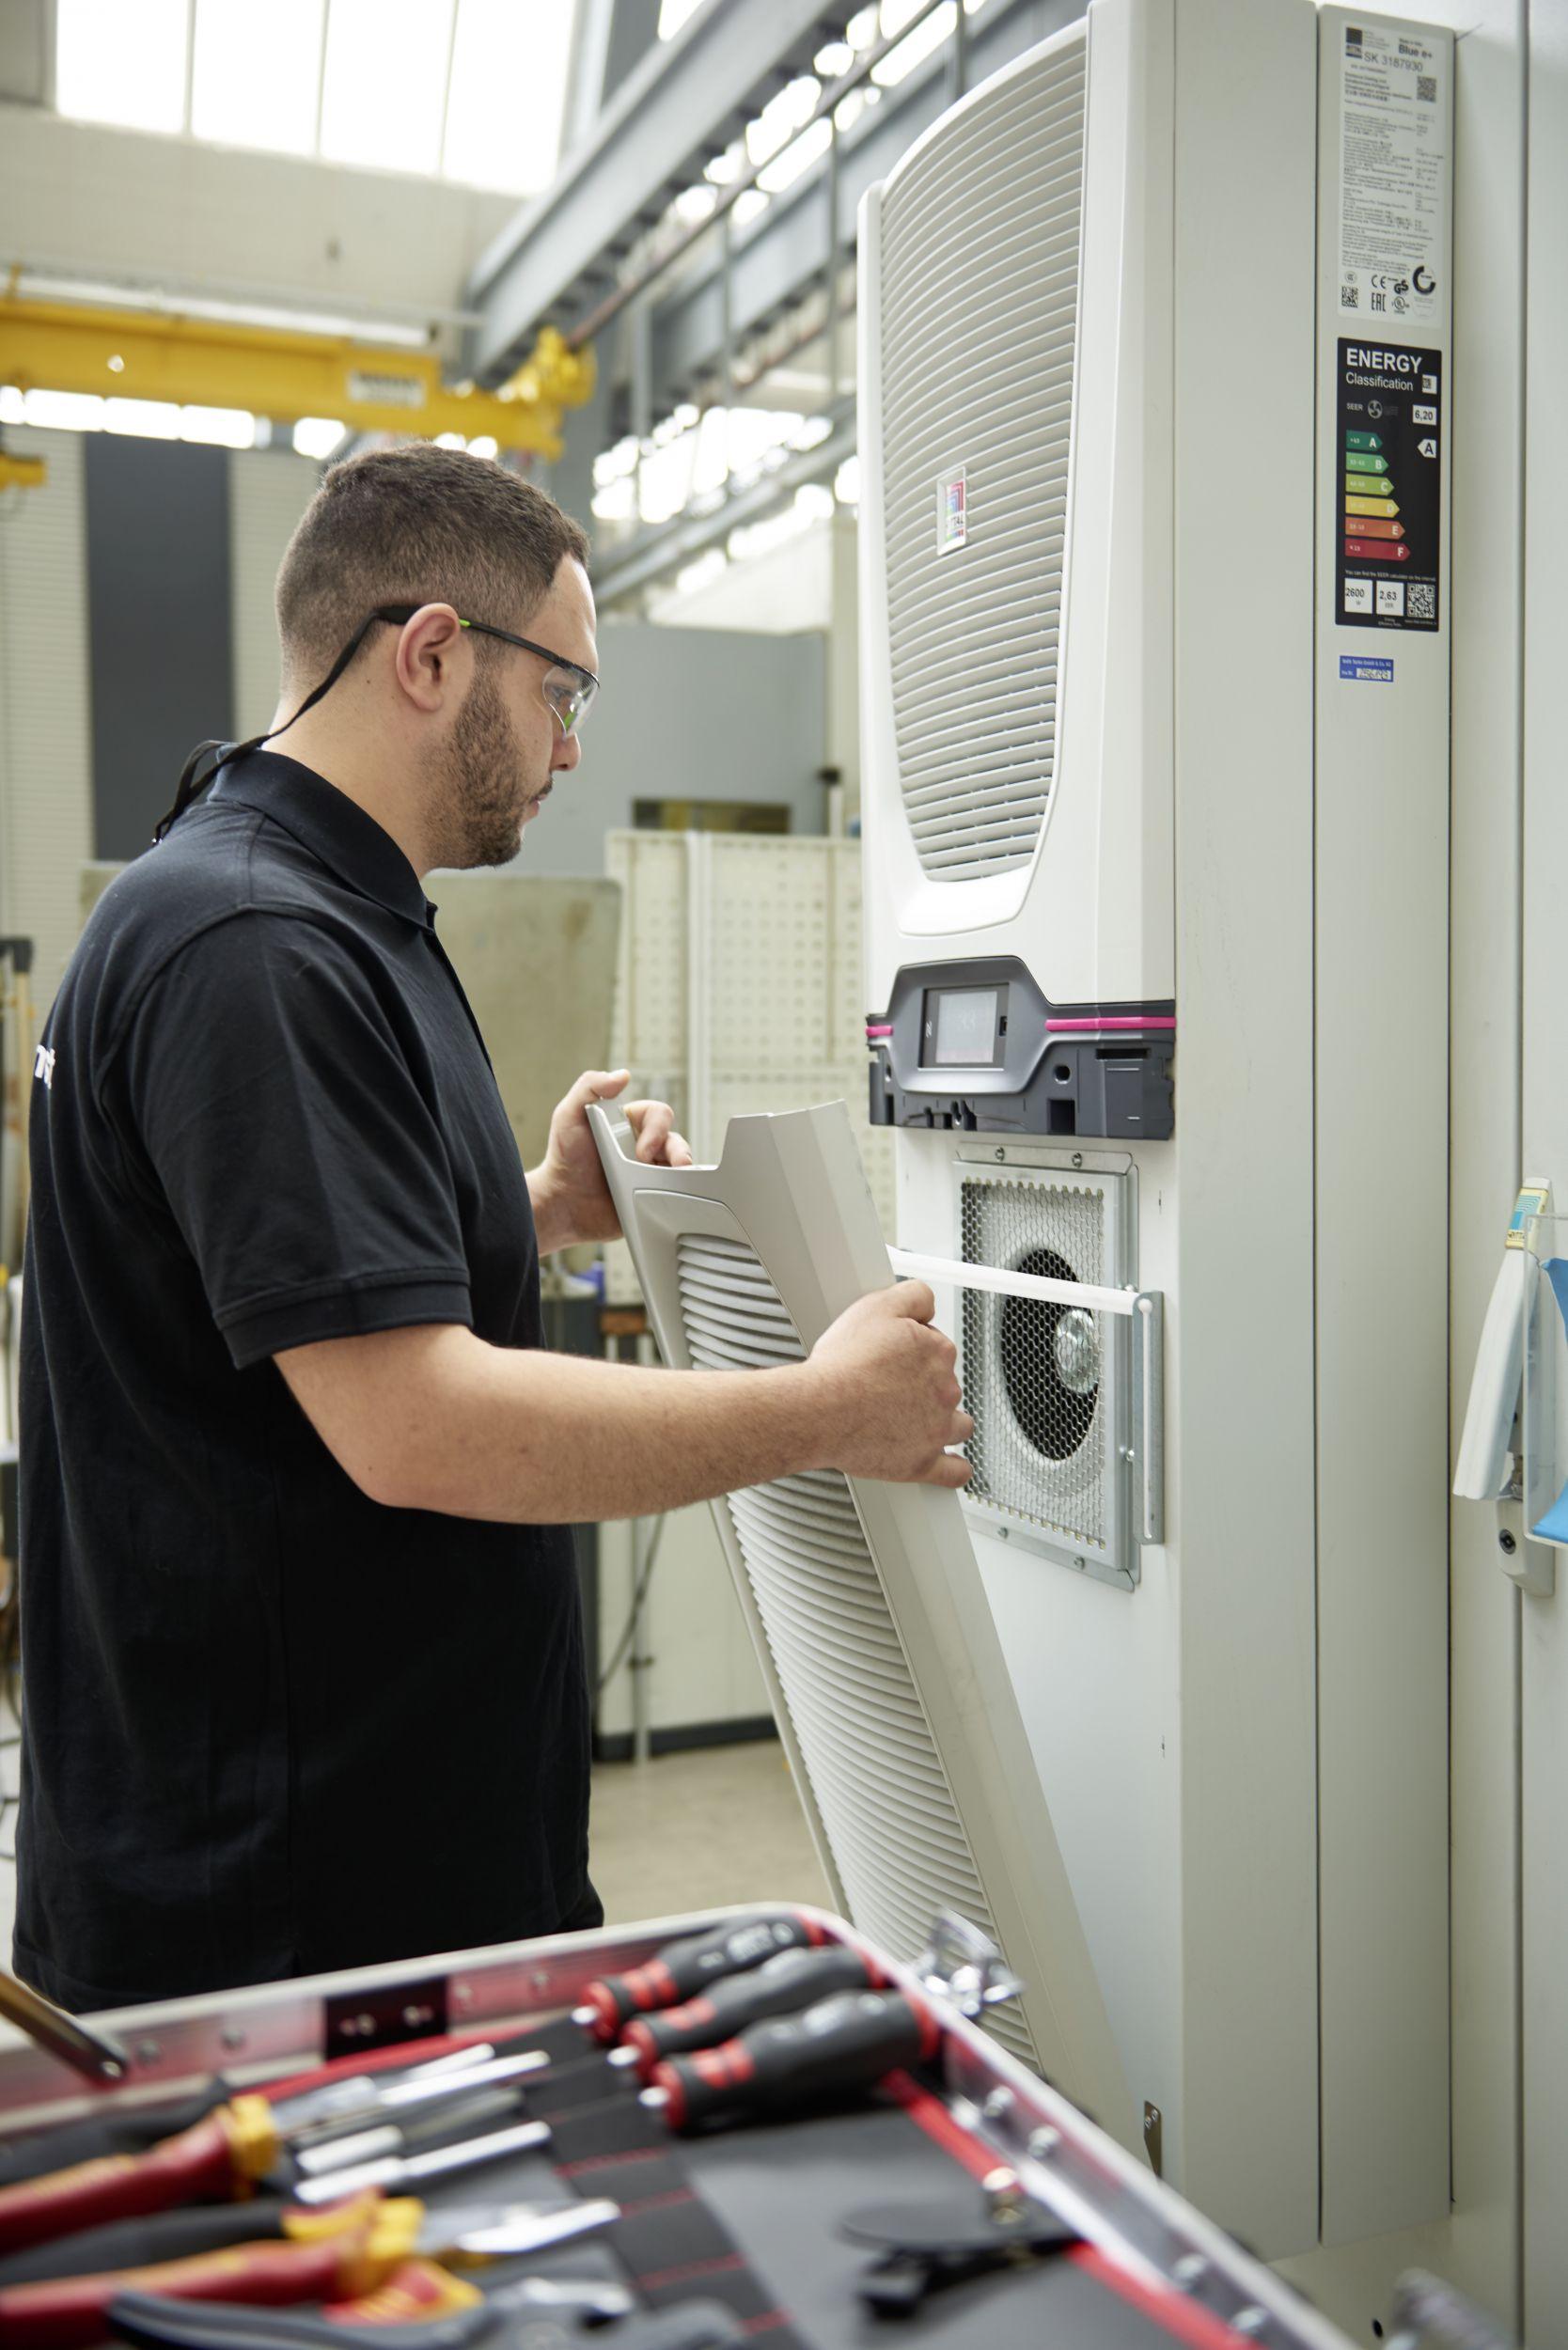 Nach der Umrüstung auf die neue Blue e+ Kühlgeräte-Generation wurden über 70 Prozent oder 25.000 Euro pro Jahr an Energiekosten eingespart. (Bild: Rittal GmbH & Co. KG)